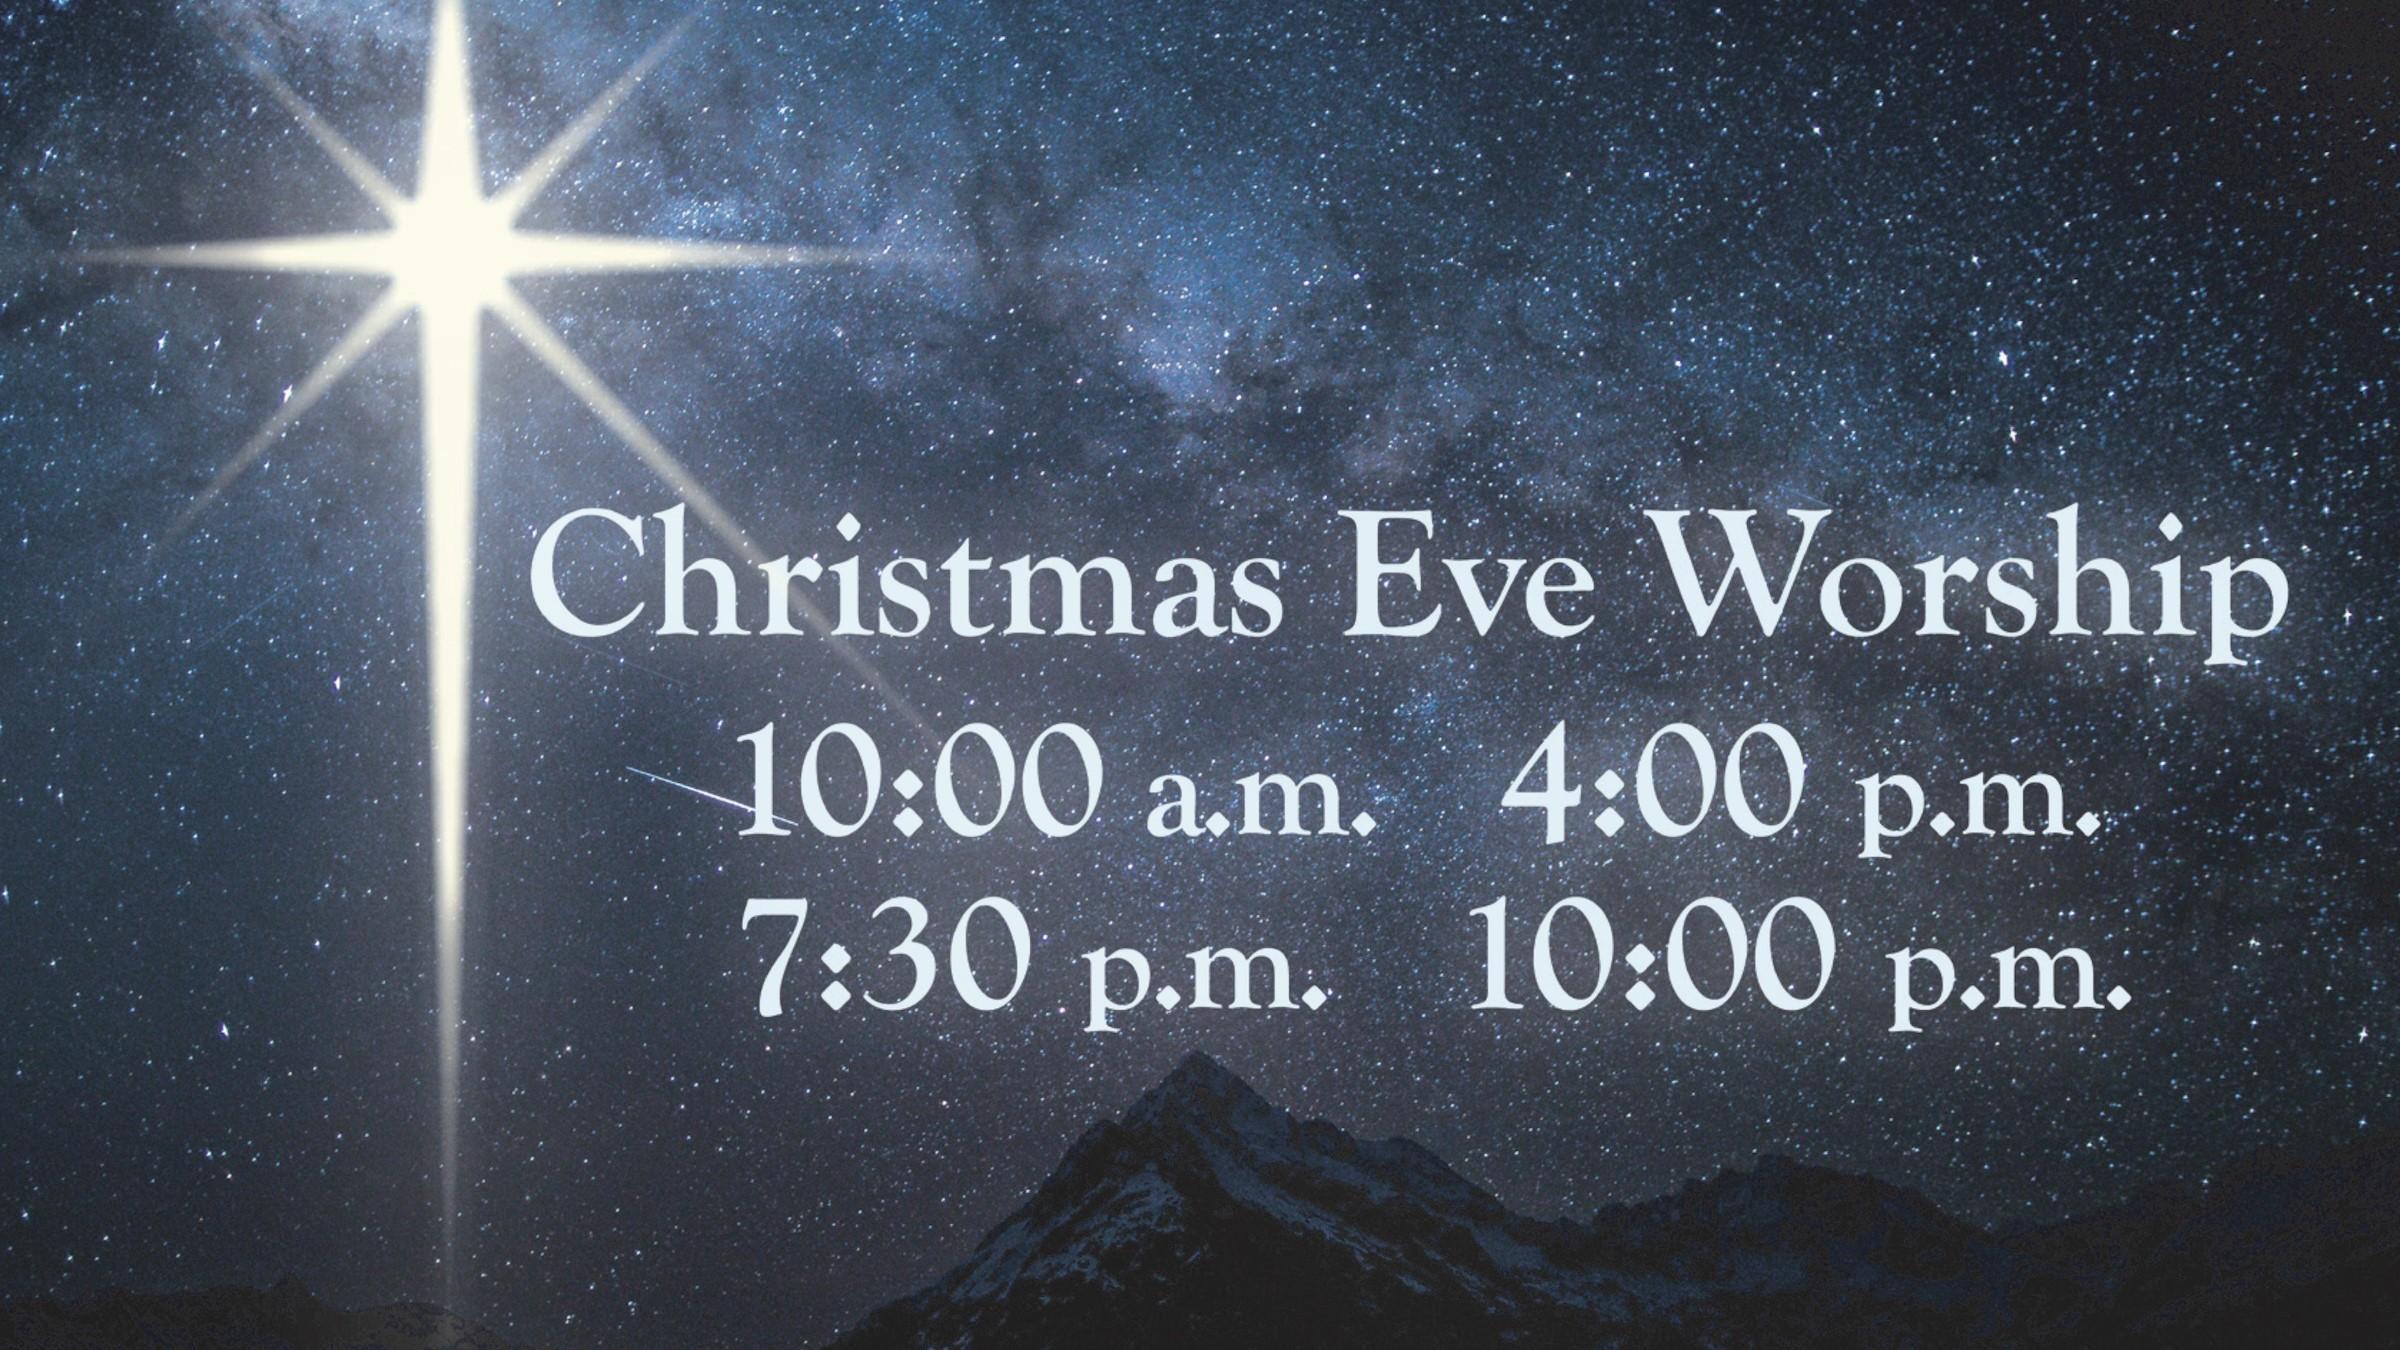 Christmas Eve worship times slide 2017.jpg